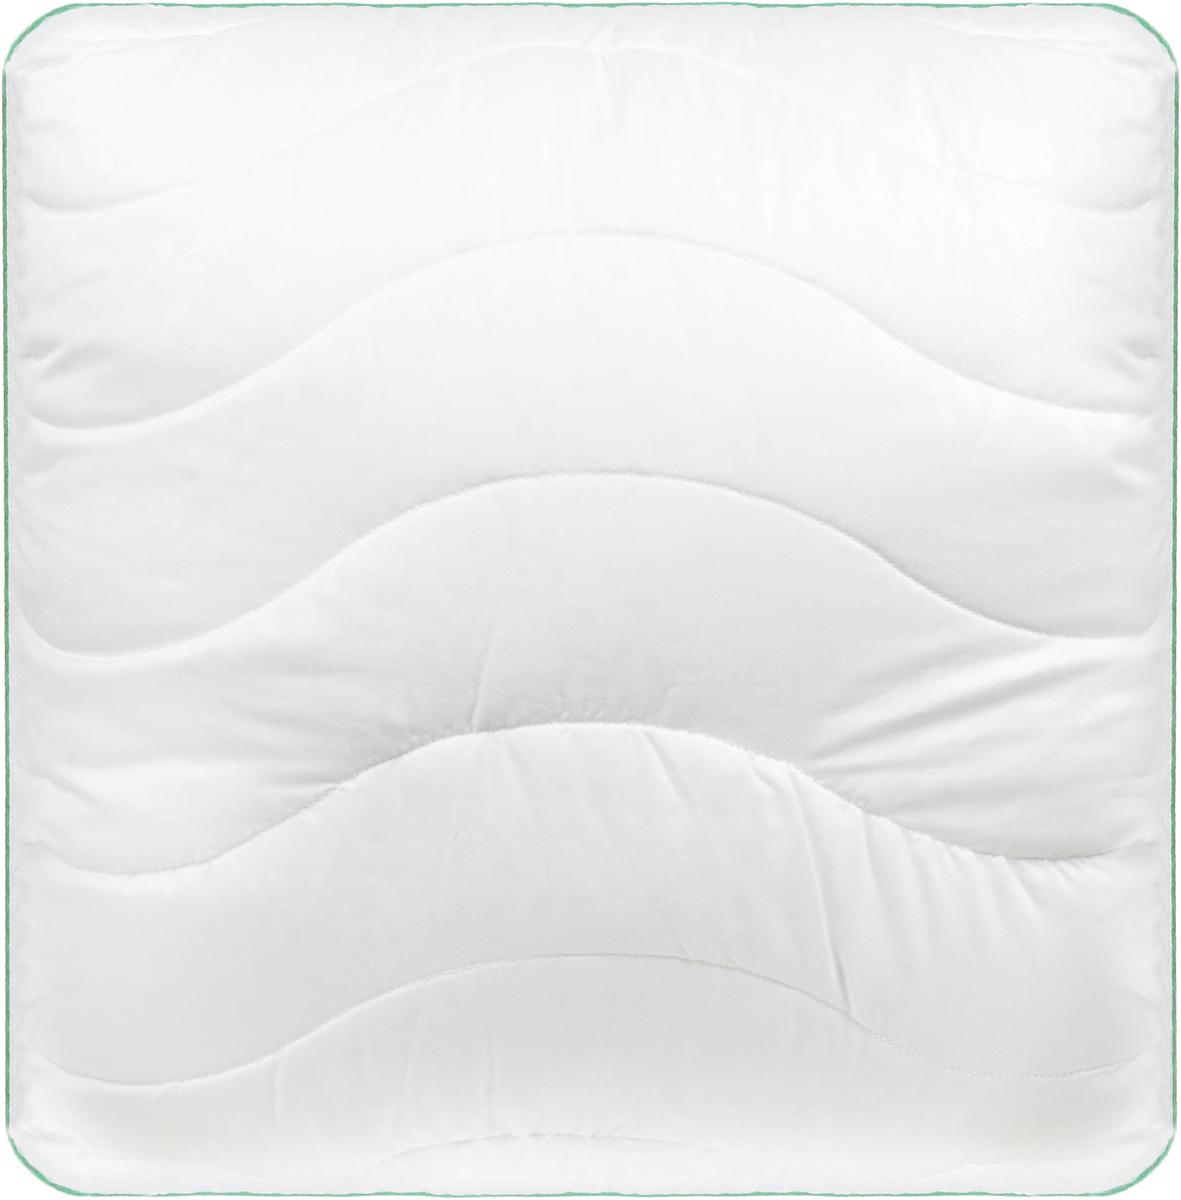 Подушка Легкие сны Тропикана, наполнитель: бамбуковое волокно, 68 x 68 см77(40)07-БВПодушка Легкие сны Тропикана поможет расслабиться, снимет усталость и подарит вам спокойный и здоровый сон.Волокно бамбука - это натуральный материал, добываемый из стеблей растения. Он обладает способностью быстро впитывать и испарять влагу, а также антибактериальными свойствами, что препятствует появлению пылевых клещей и болезнетворных бактерий.Изделия с наполнителем из бамбука легко пропускают воздух. Они отличаются превосходными дезодорирующими свойствами, мягкие, легкие, простые в уходе, гипоаллергенные и подходят абсолютно всем.Чехол изделия выполнен из микрофибры (100% полиэстер) белого цвета с тиснением в виде растительного рисунка, по краю подушка отделана атласным кантом травяного цвета.Подушку можно стирать в стиральной машине.Степень поддержки: средняя.Уважаемые клиенты!Обращаем ваше внимание на цветовой ассортимент товара. Поставка осуществляется в зависимости от наличия на складе.